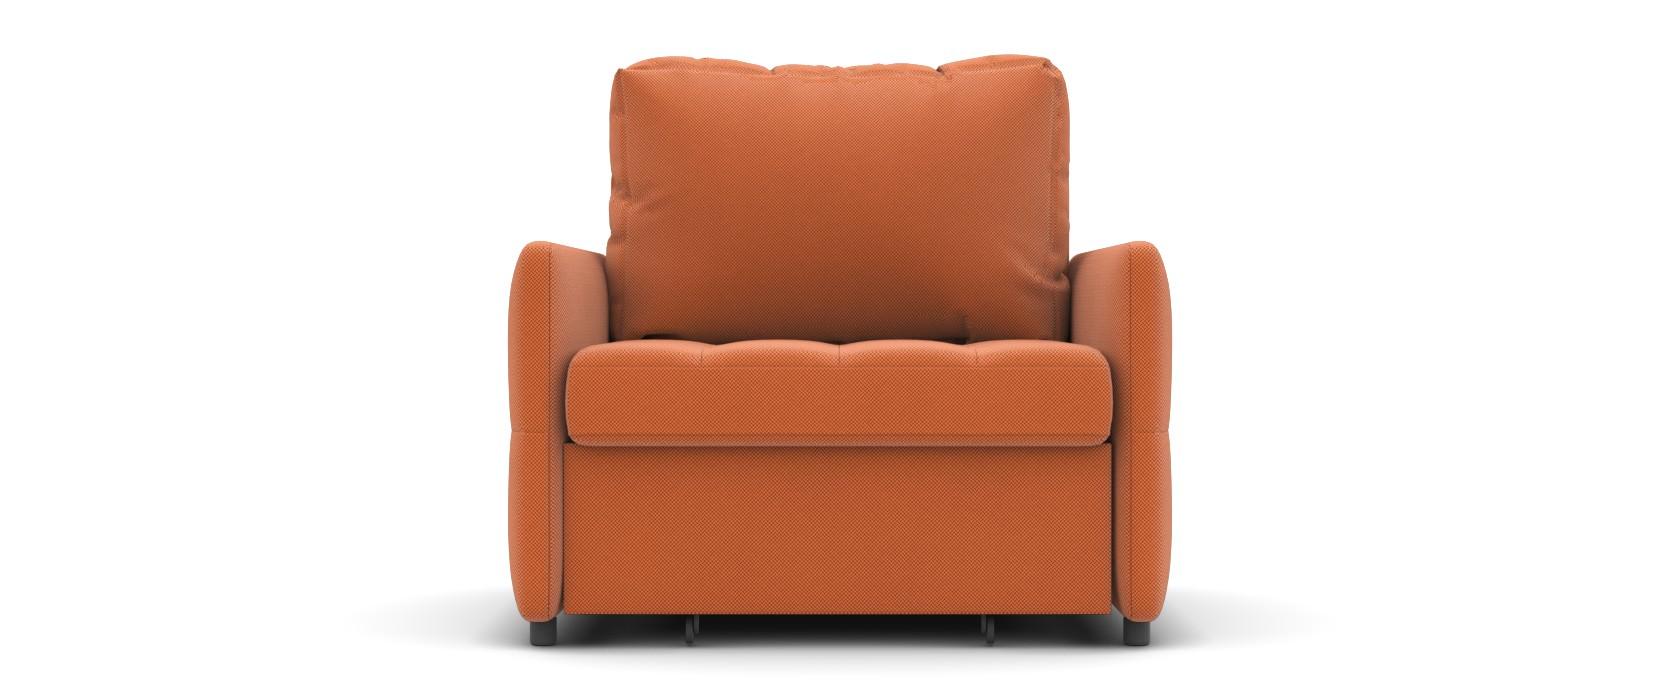 Раскладное кресло Gracia